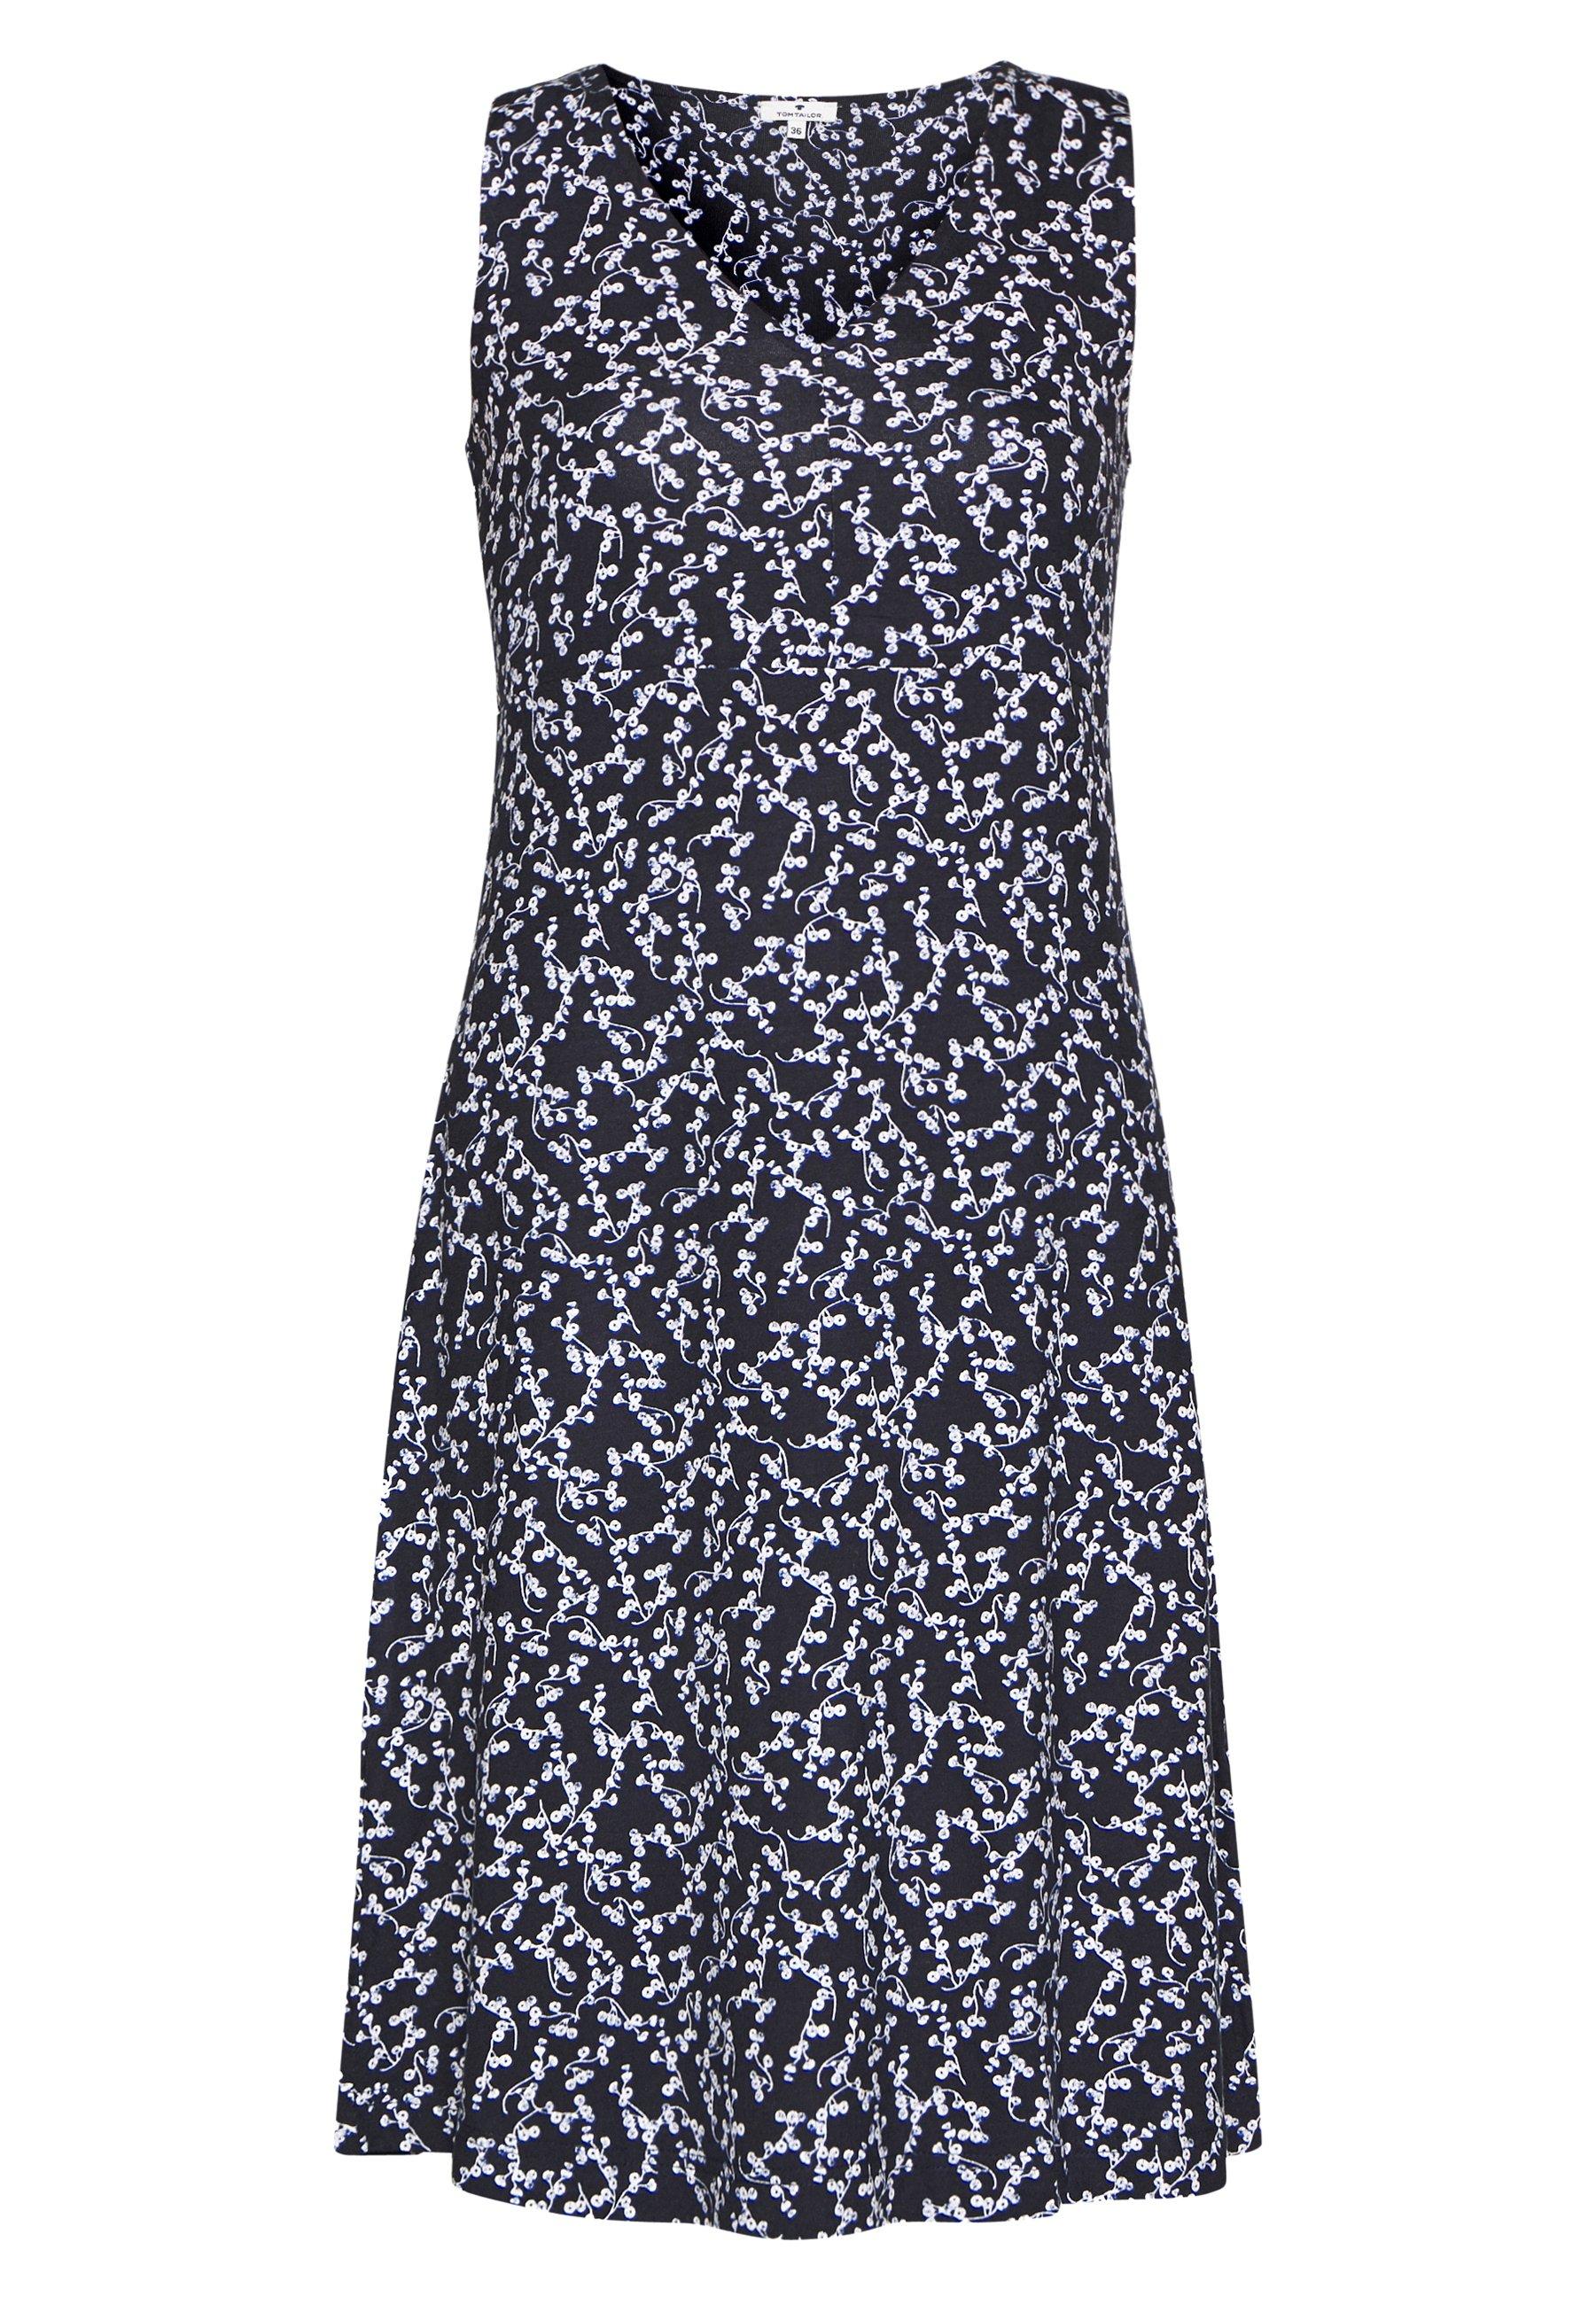 Tom Tailor Dress Basic - Jerseykjoler Navy/flowery Design